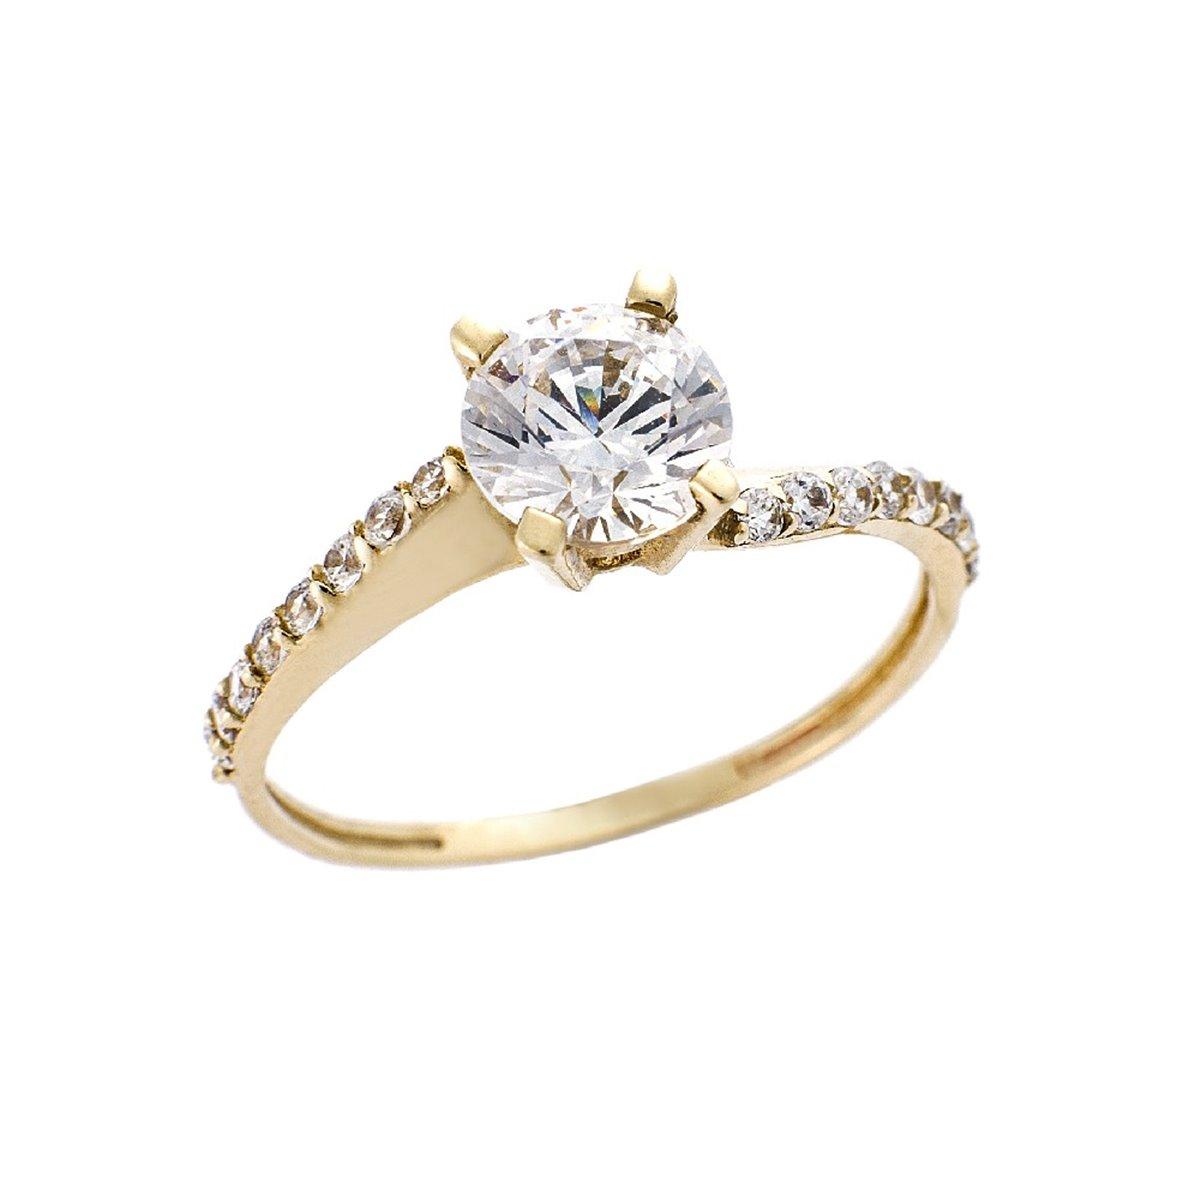 Δαχτυλίδι Μονοπέτρο από Χρυσό 14Κ σε Κίτρινο Χρώμα με Ζιργκόν 84098ee13d4